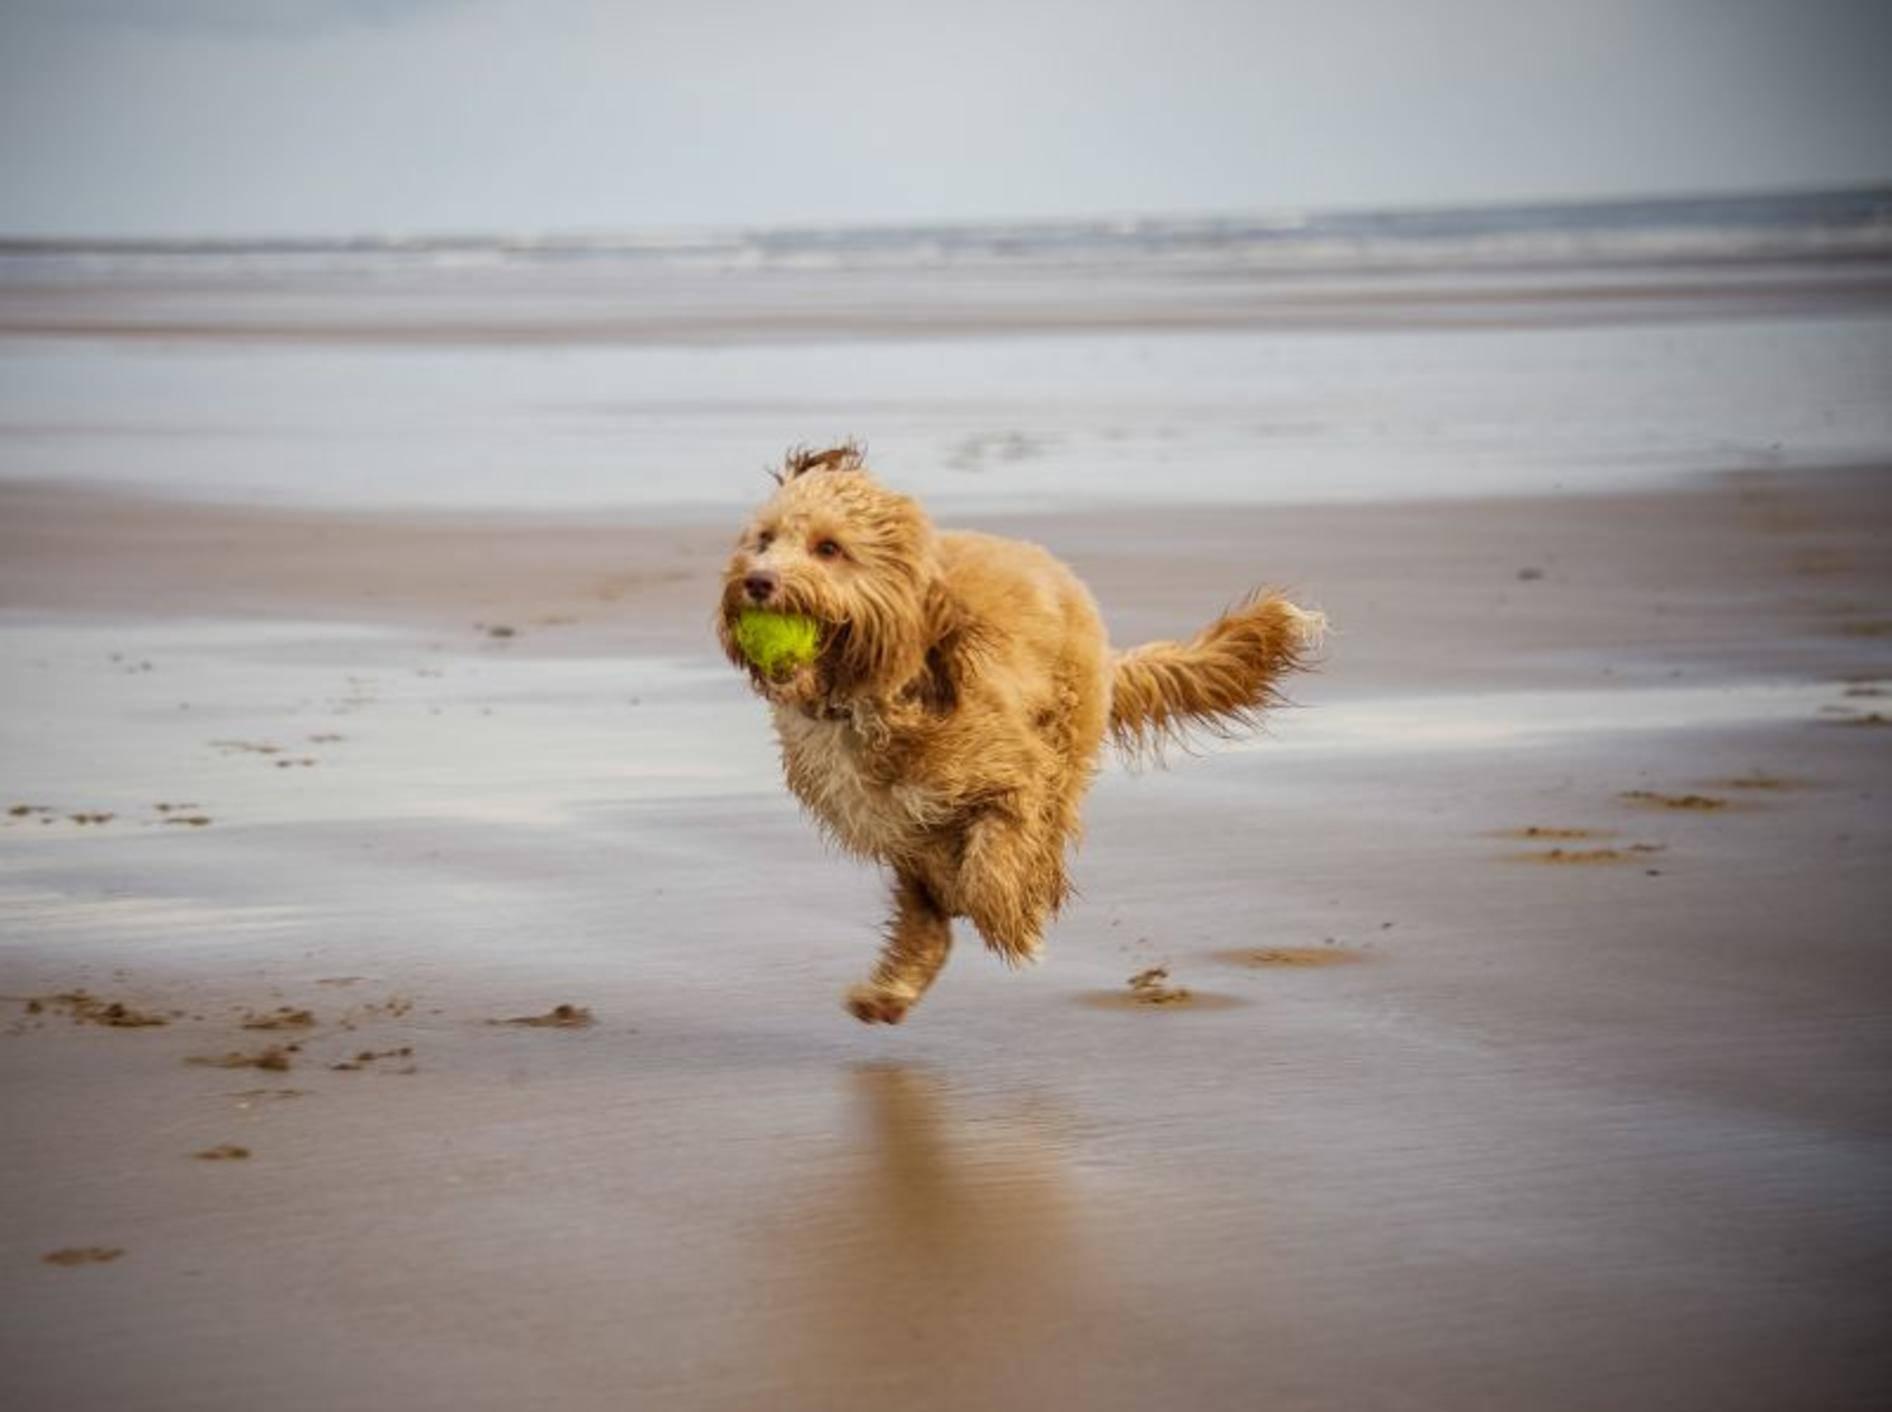 Schöner Hundestrand: Perfekter Spielplatz für Vierbeiner — Bild: Shutterstock / rashworth